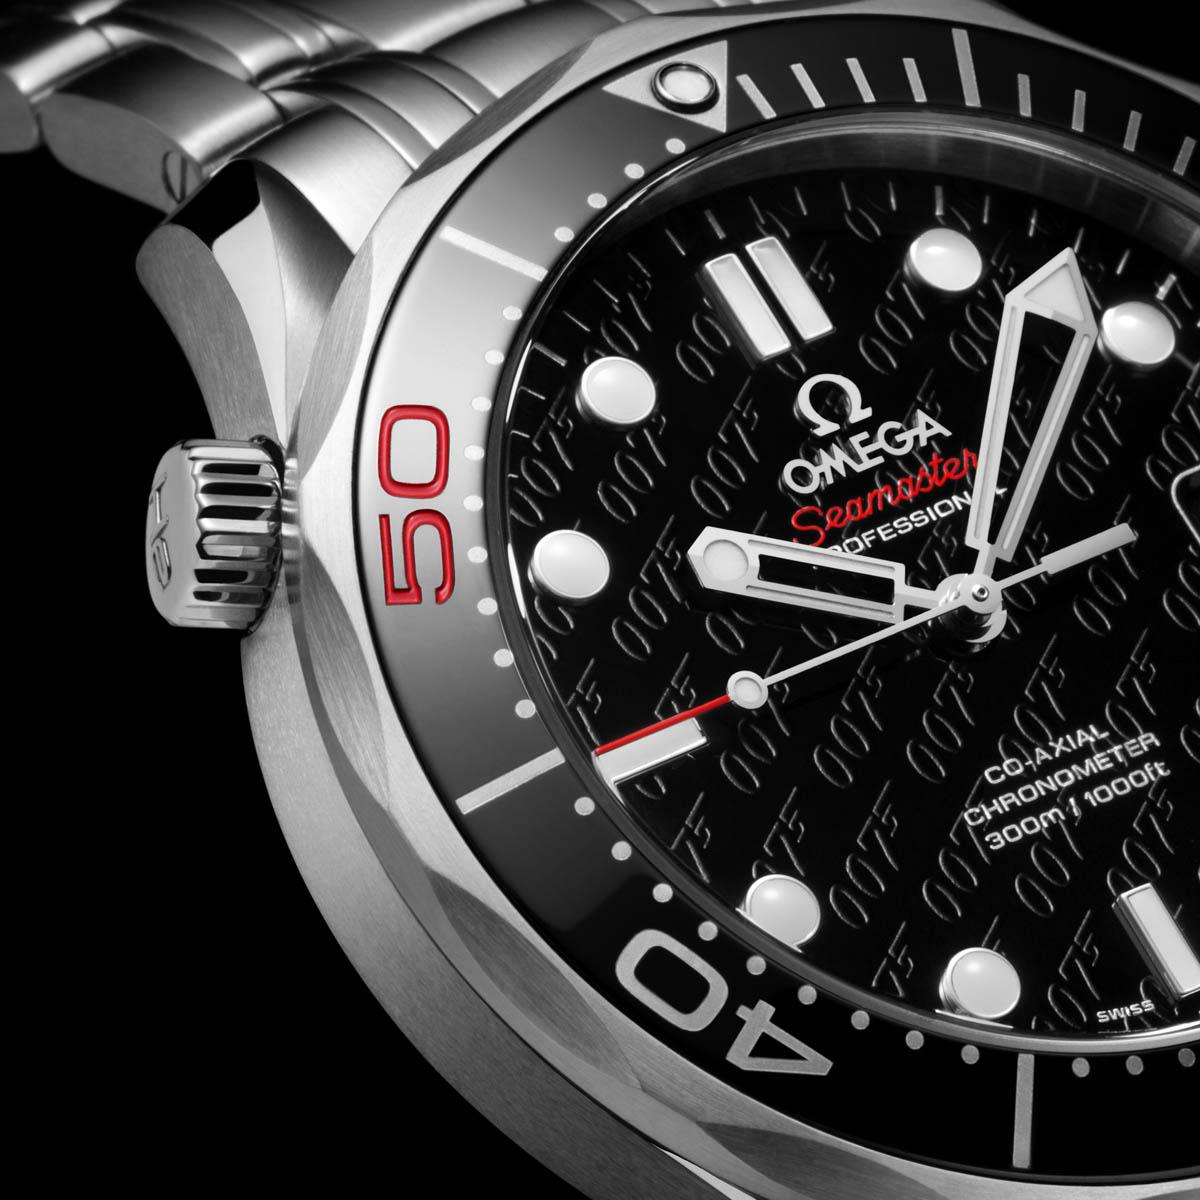 La Cote des Montres : Photo - Omega Seamaster Co-Axial 300 M Série Limitée James Bond 007, 50e Anniversaire